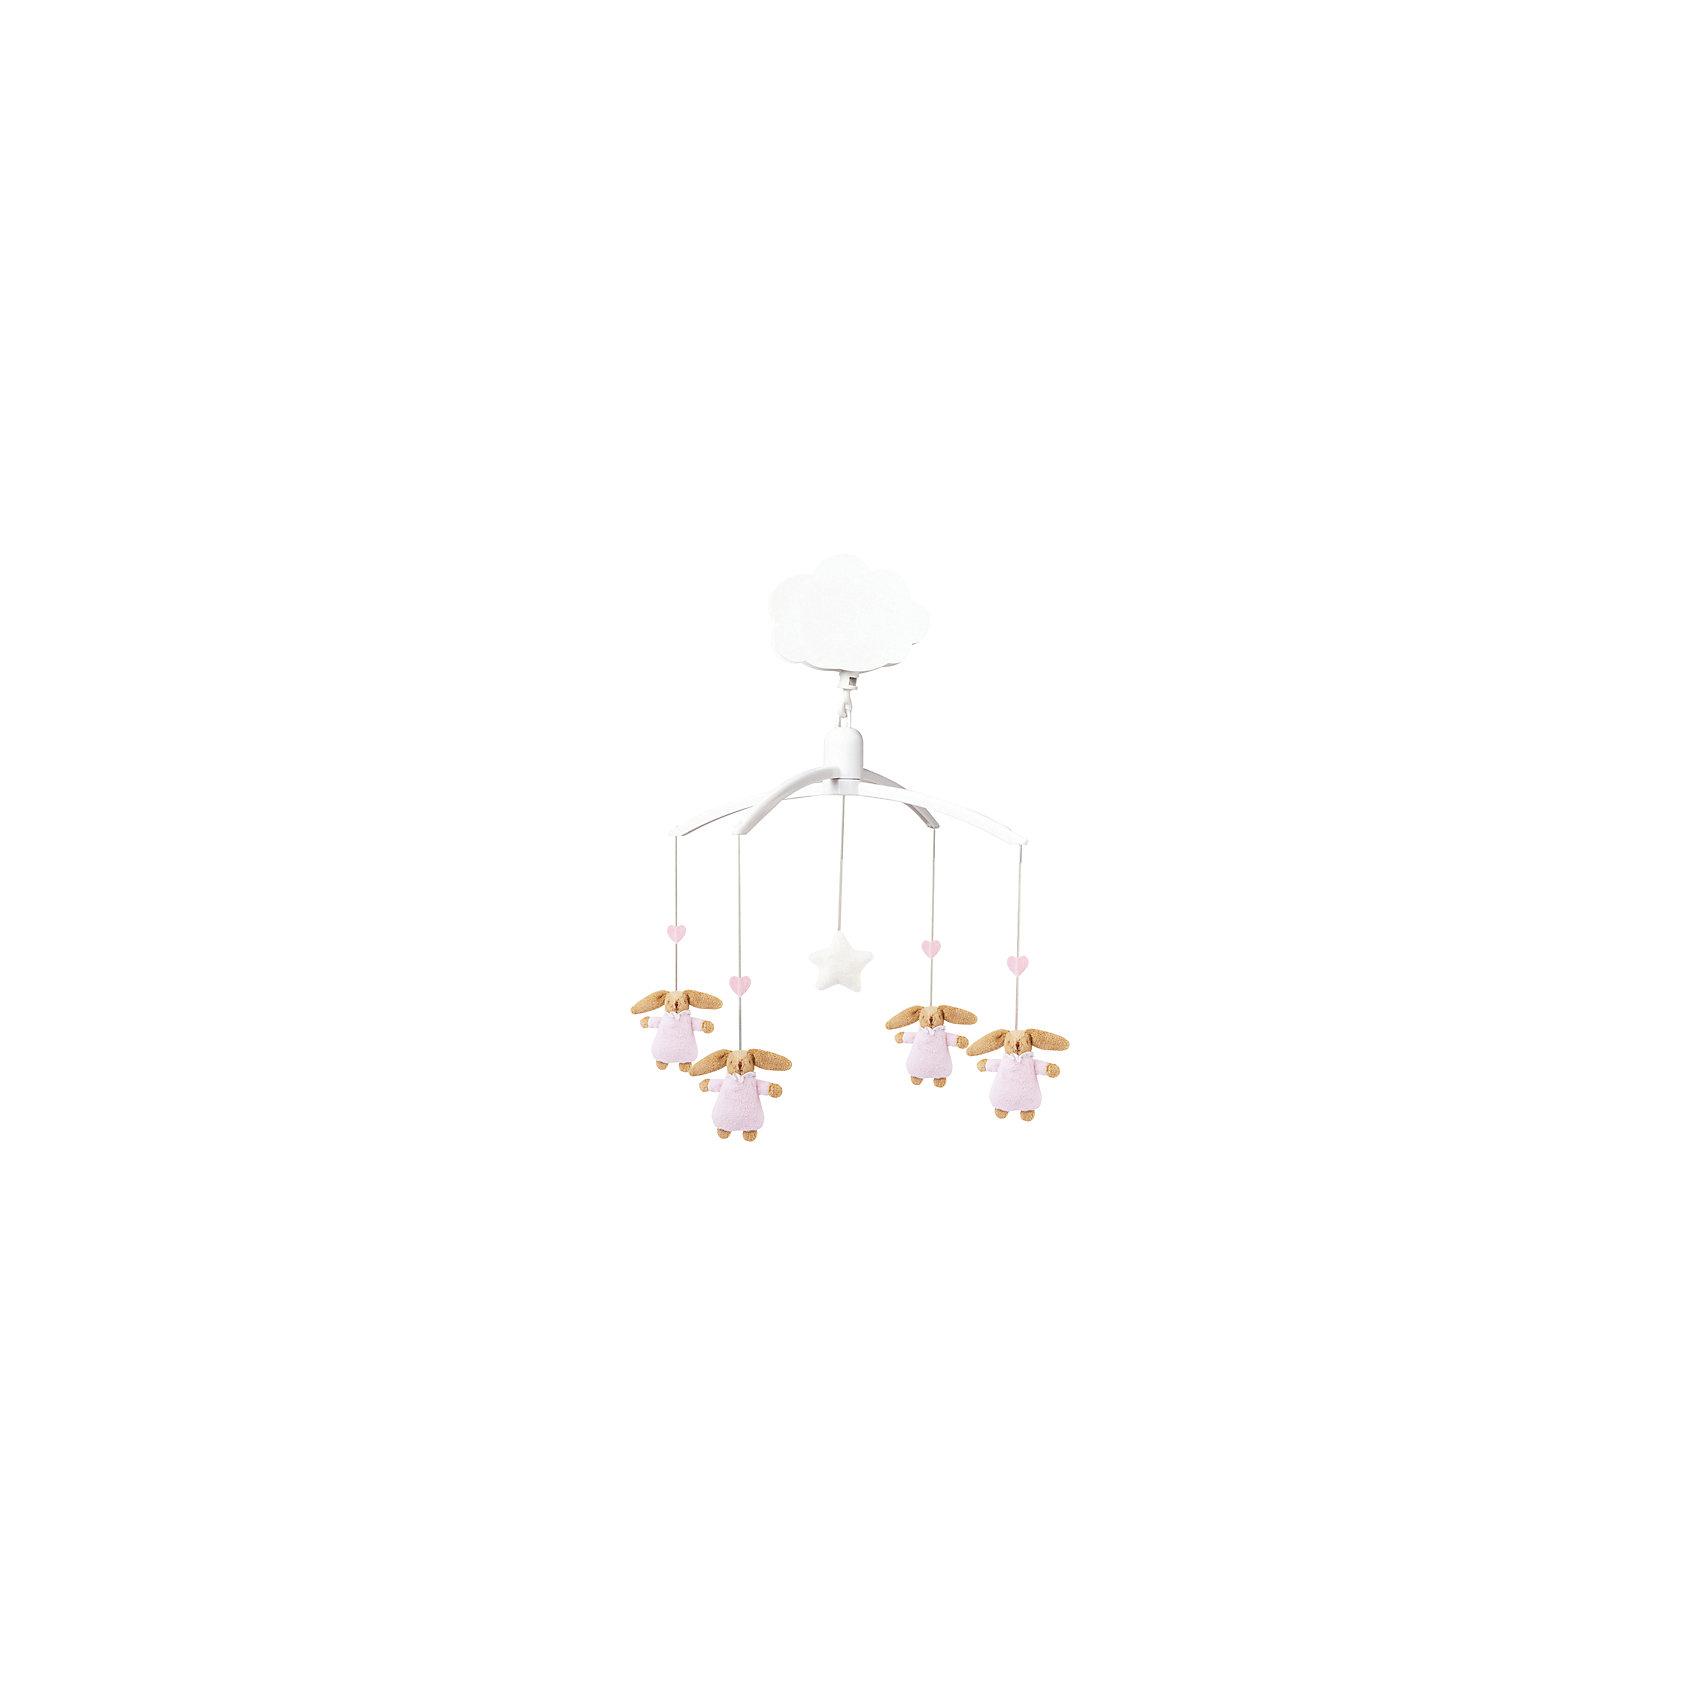 TROUSSELIER Музыкальный мобиль с мягкими игрушками, розовый, Trousselier trousselier светильник ночник балерина trousselier белый